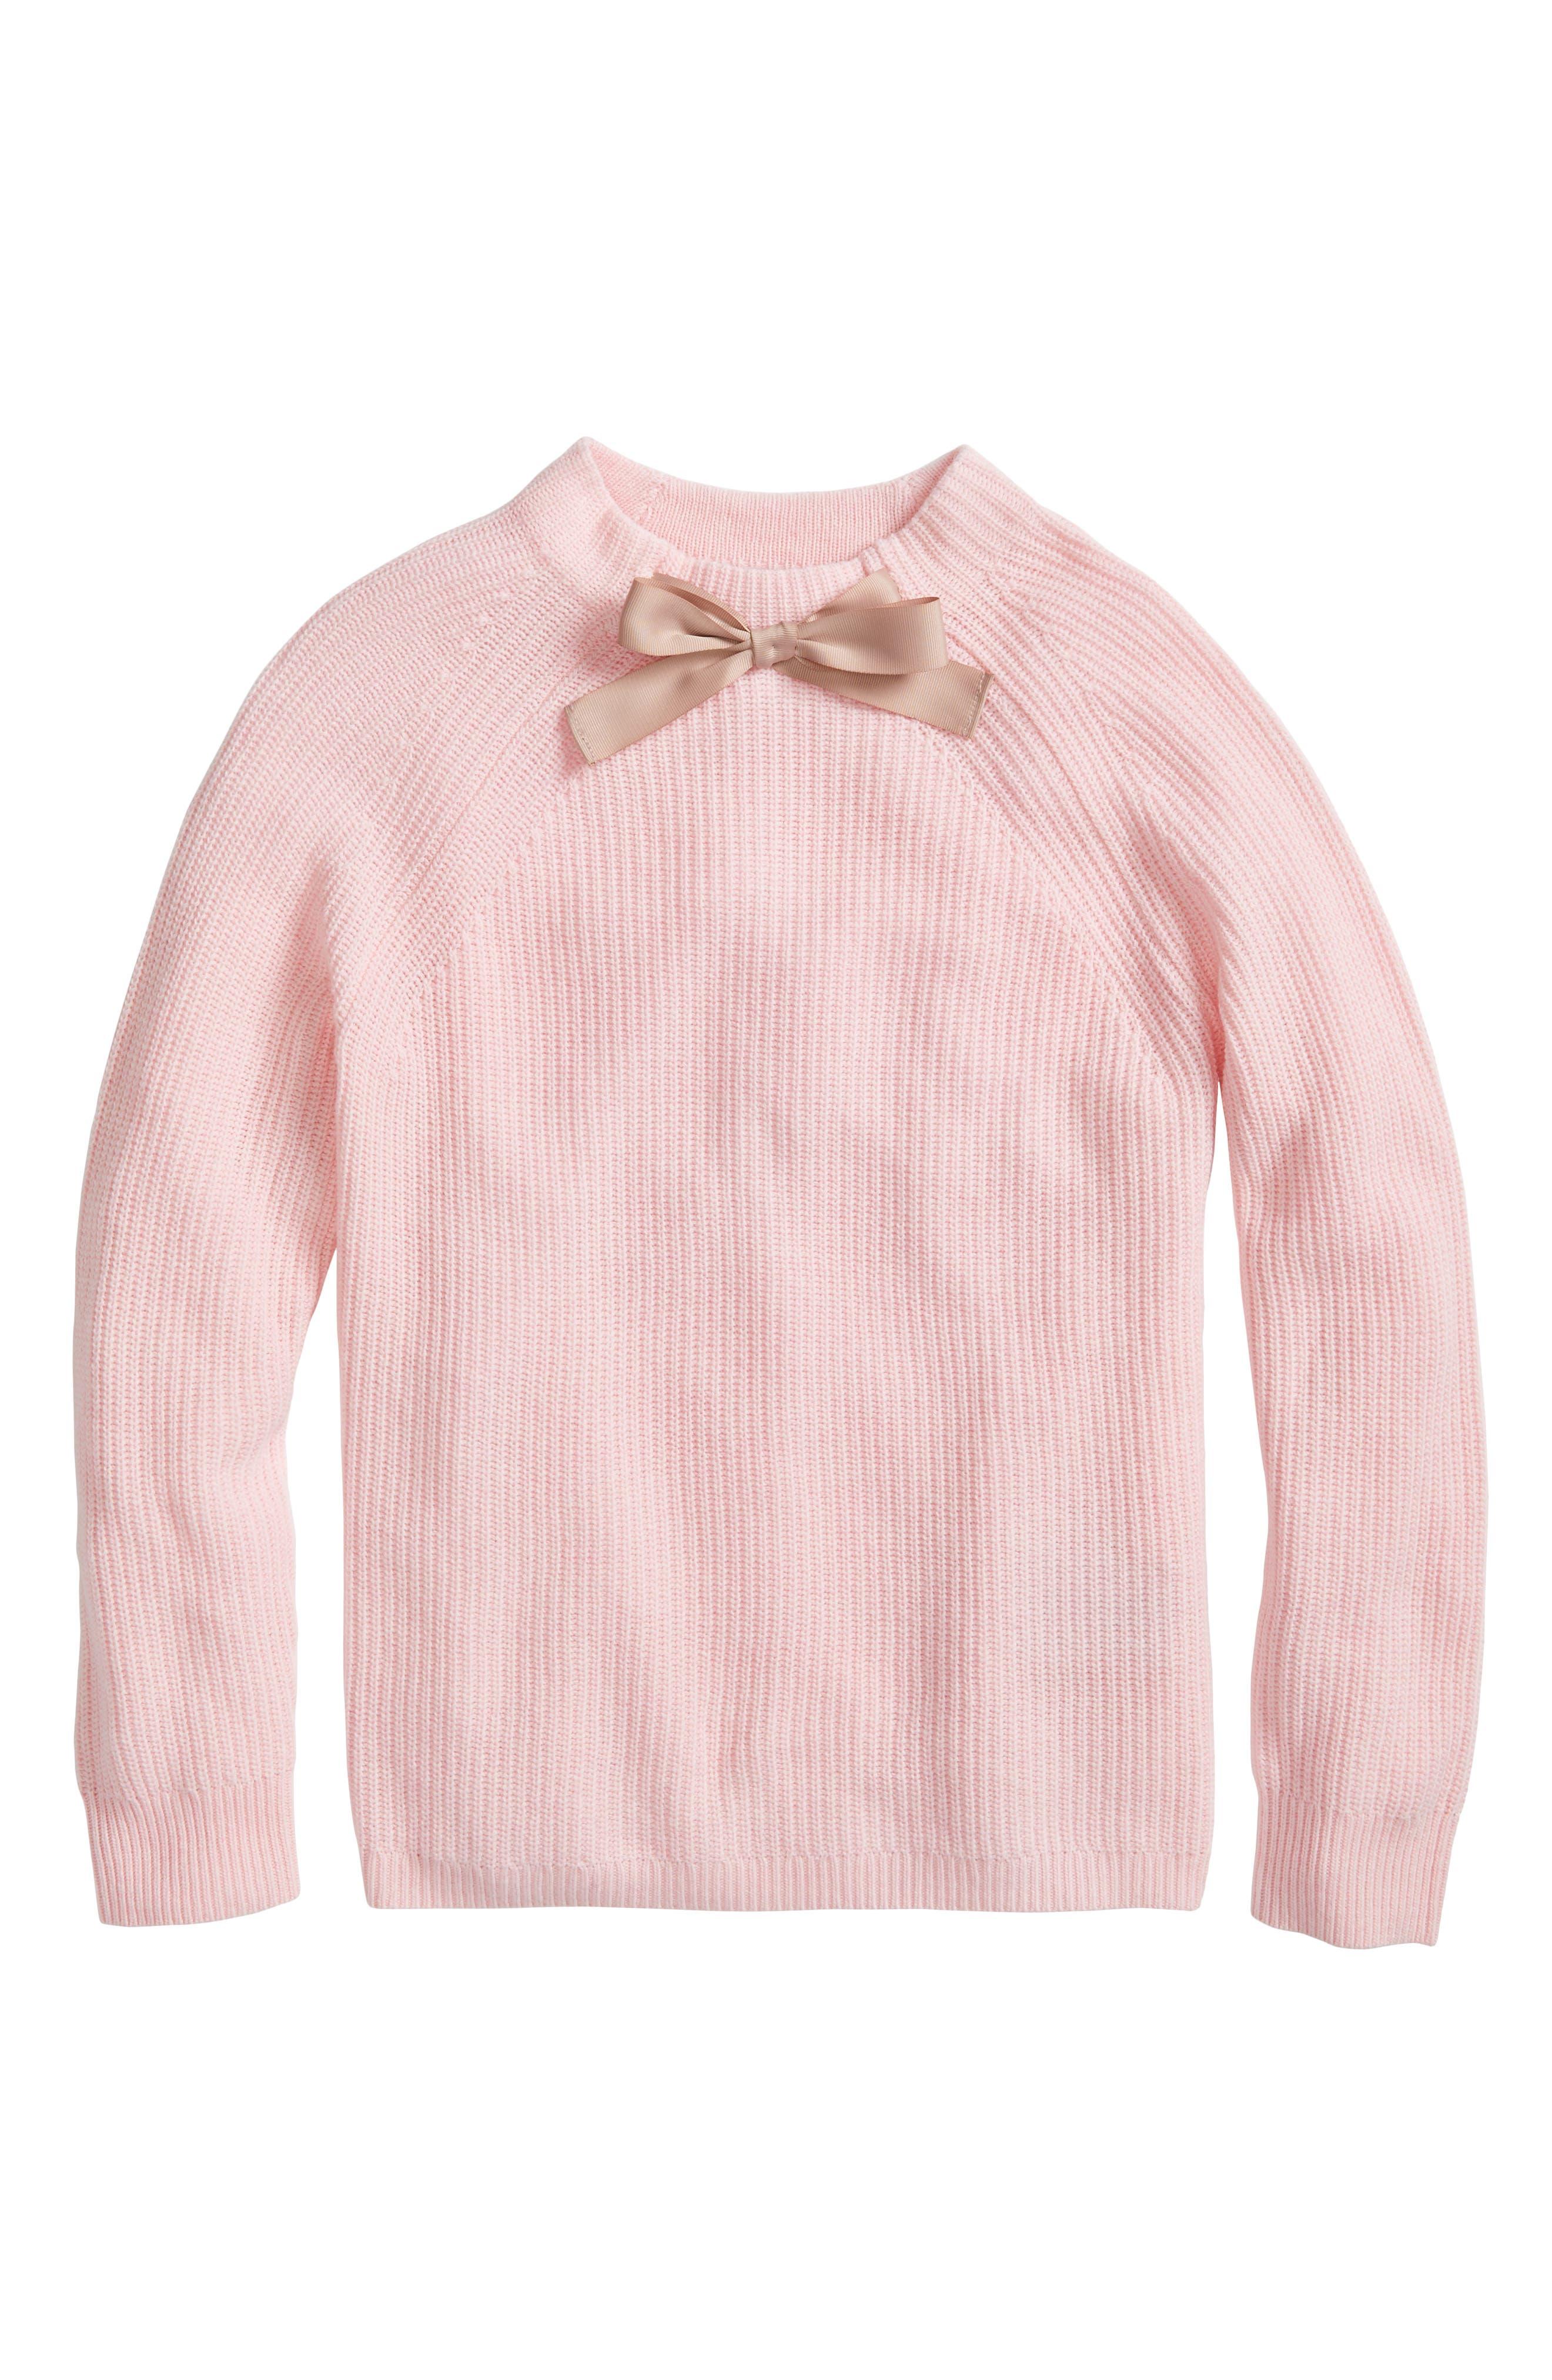 Gayle Tie Neck Sweater,                         Main,                         color, Heather Petal